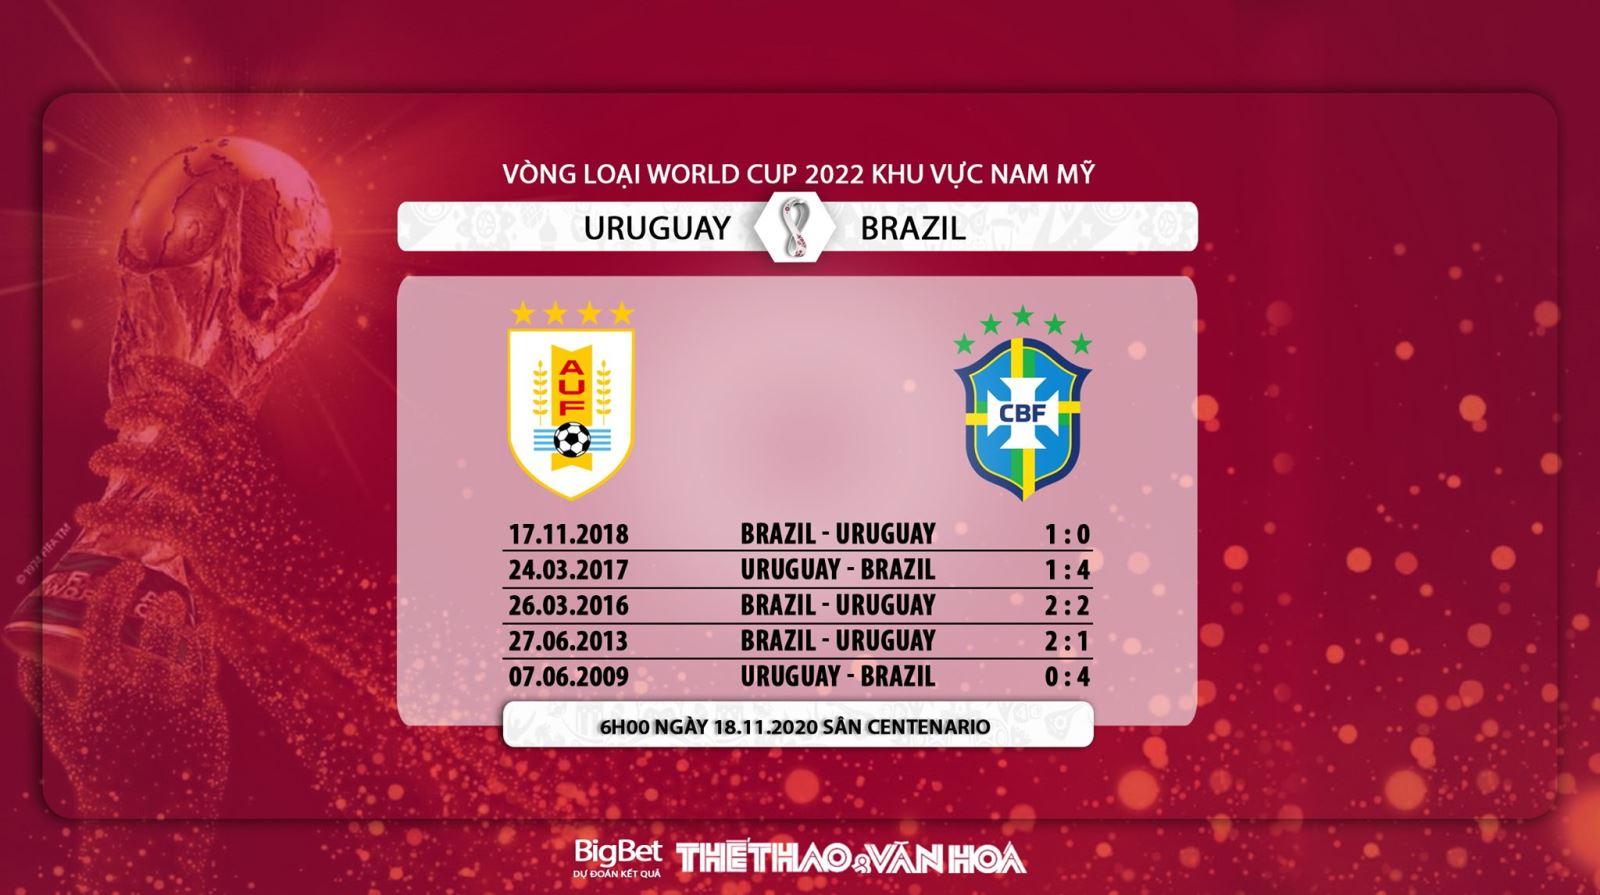 Keo nha cai, Kèo nhà cái, Uruguay vs Brazil, Trực tiếp bóng đá, Vòng loại World Cup Nam Mỹ, soi kèo bóng đá, kèo Uruguay đấu với Brazil, kèo bóng đá Nam Mỹ